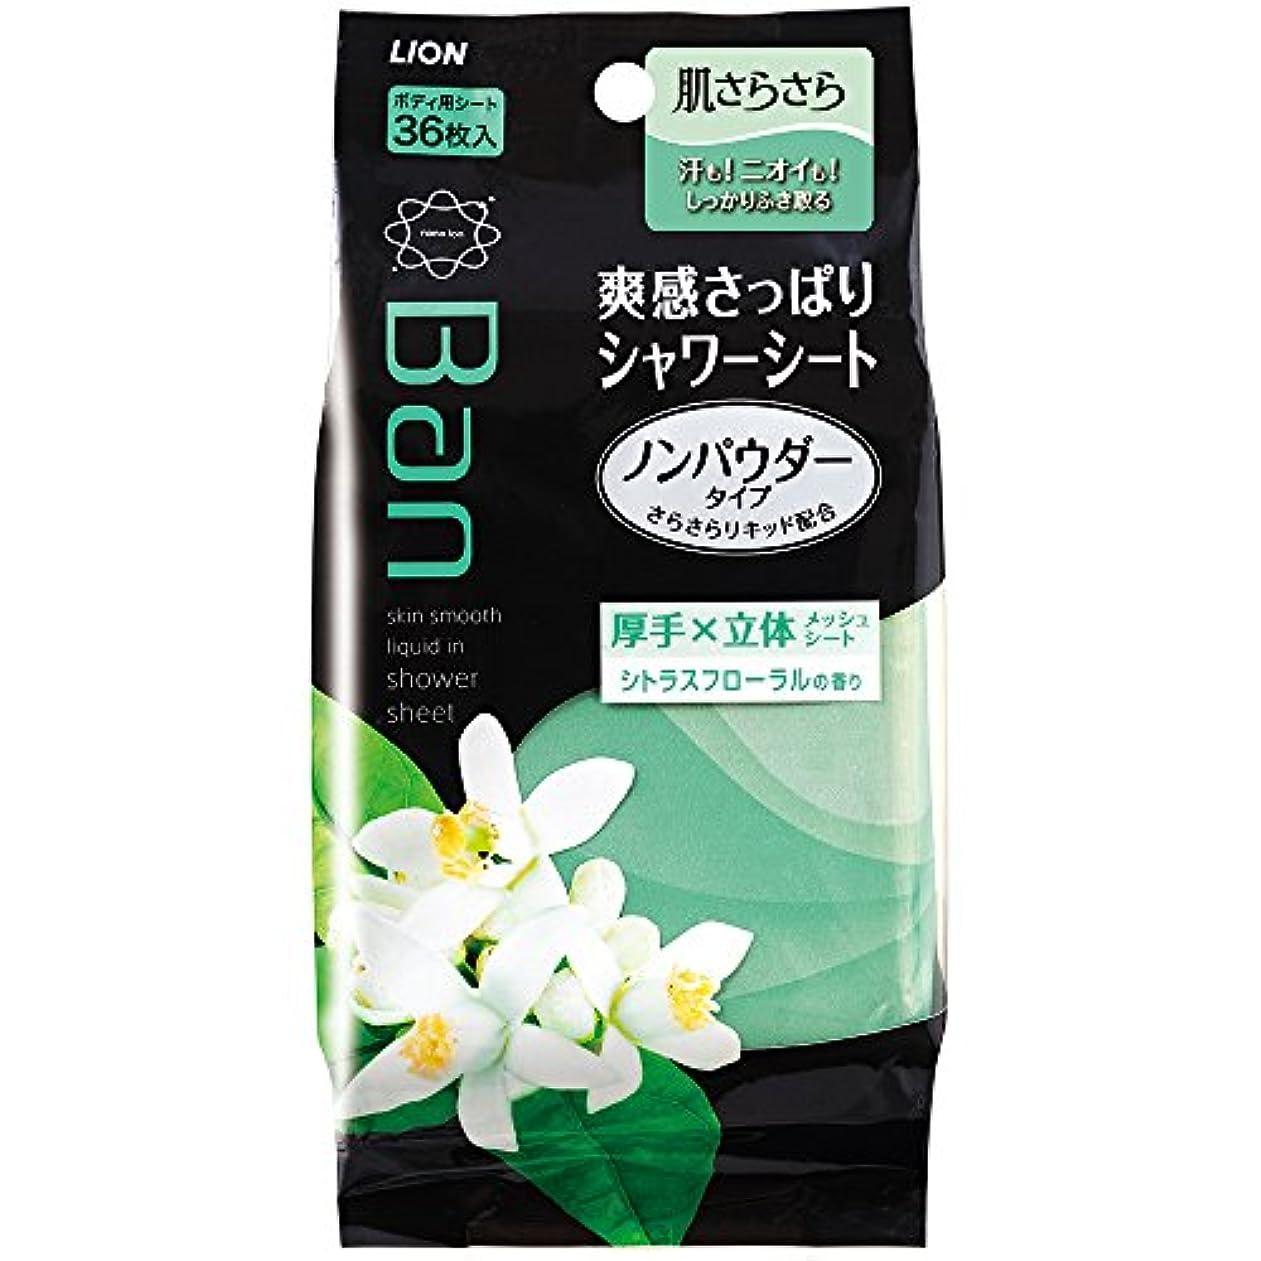 はねかけるインシュレータ交換Ban(バン) 爽感さっぱりシャワーシート ノンパウダータイプ シトラスフローラルの香り 36枚